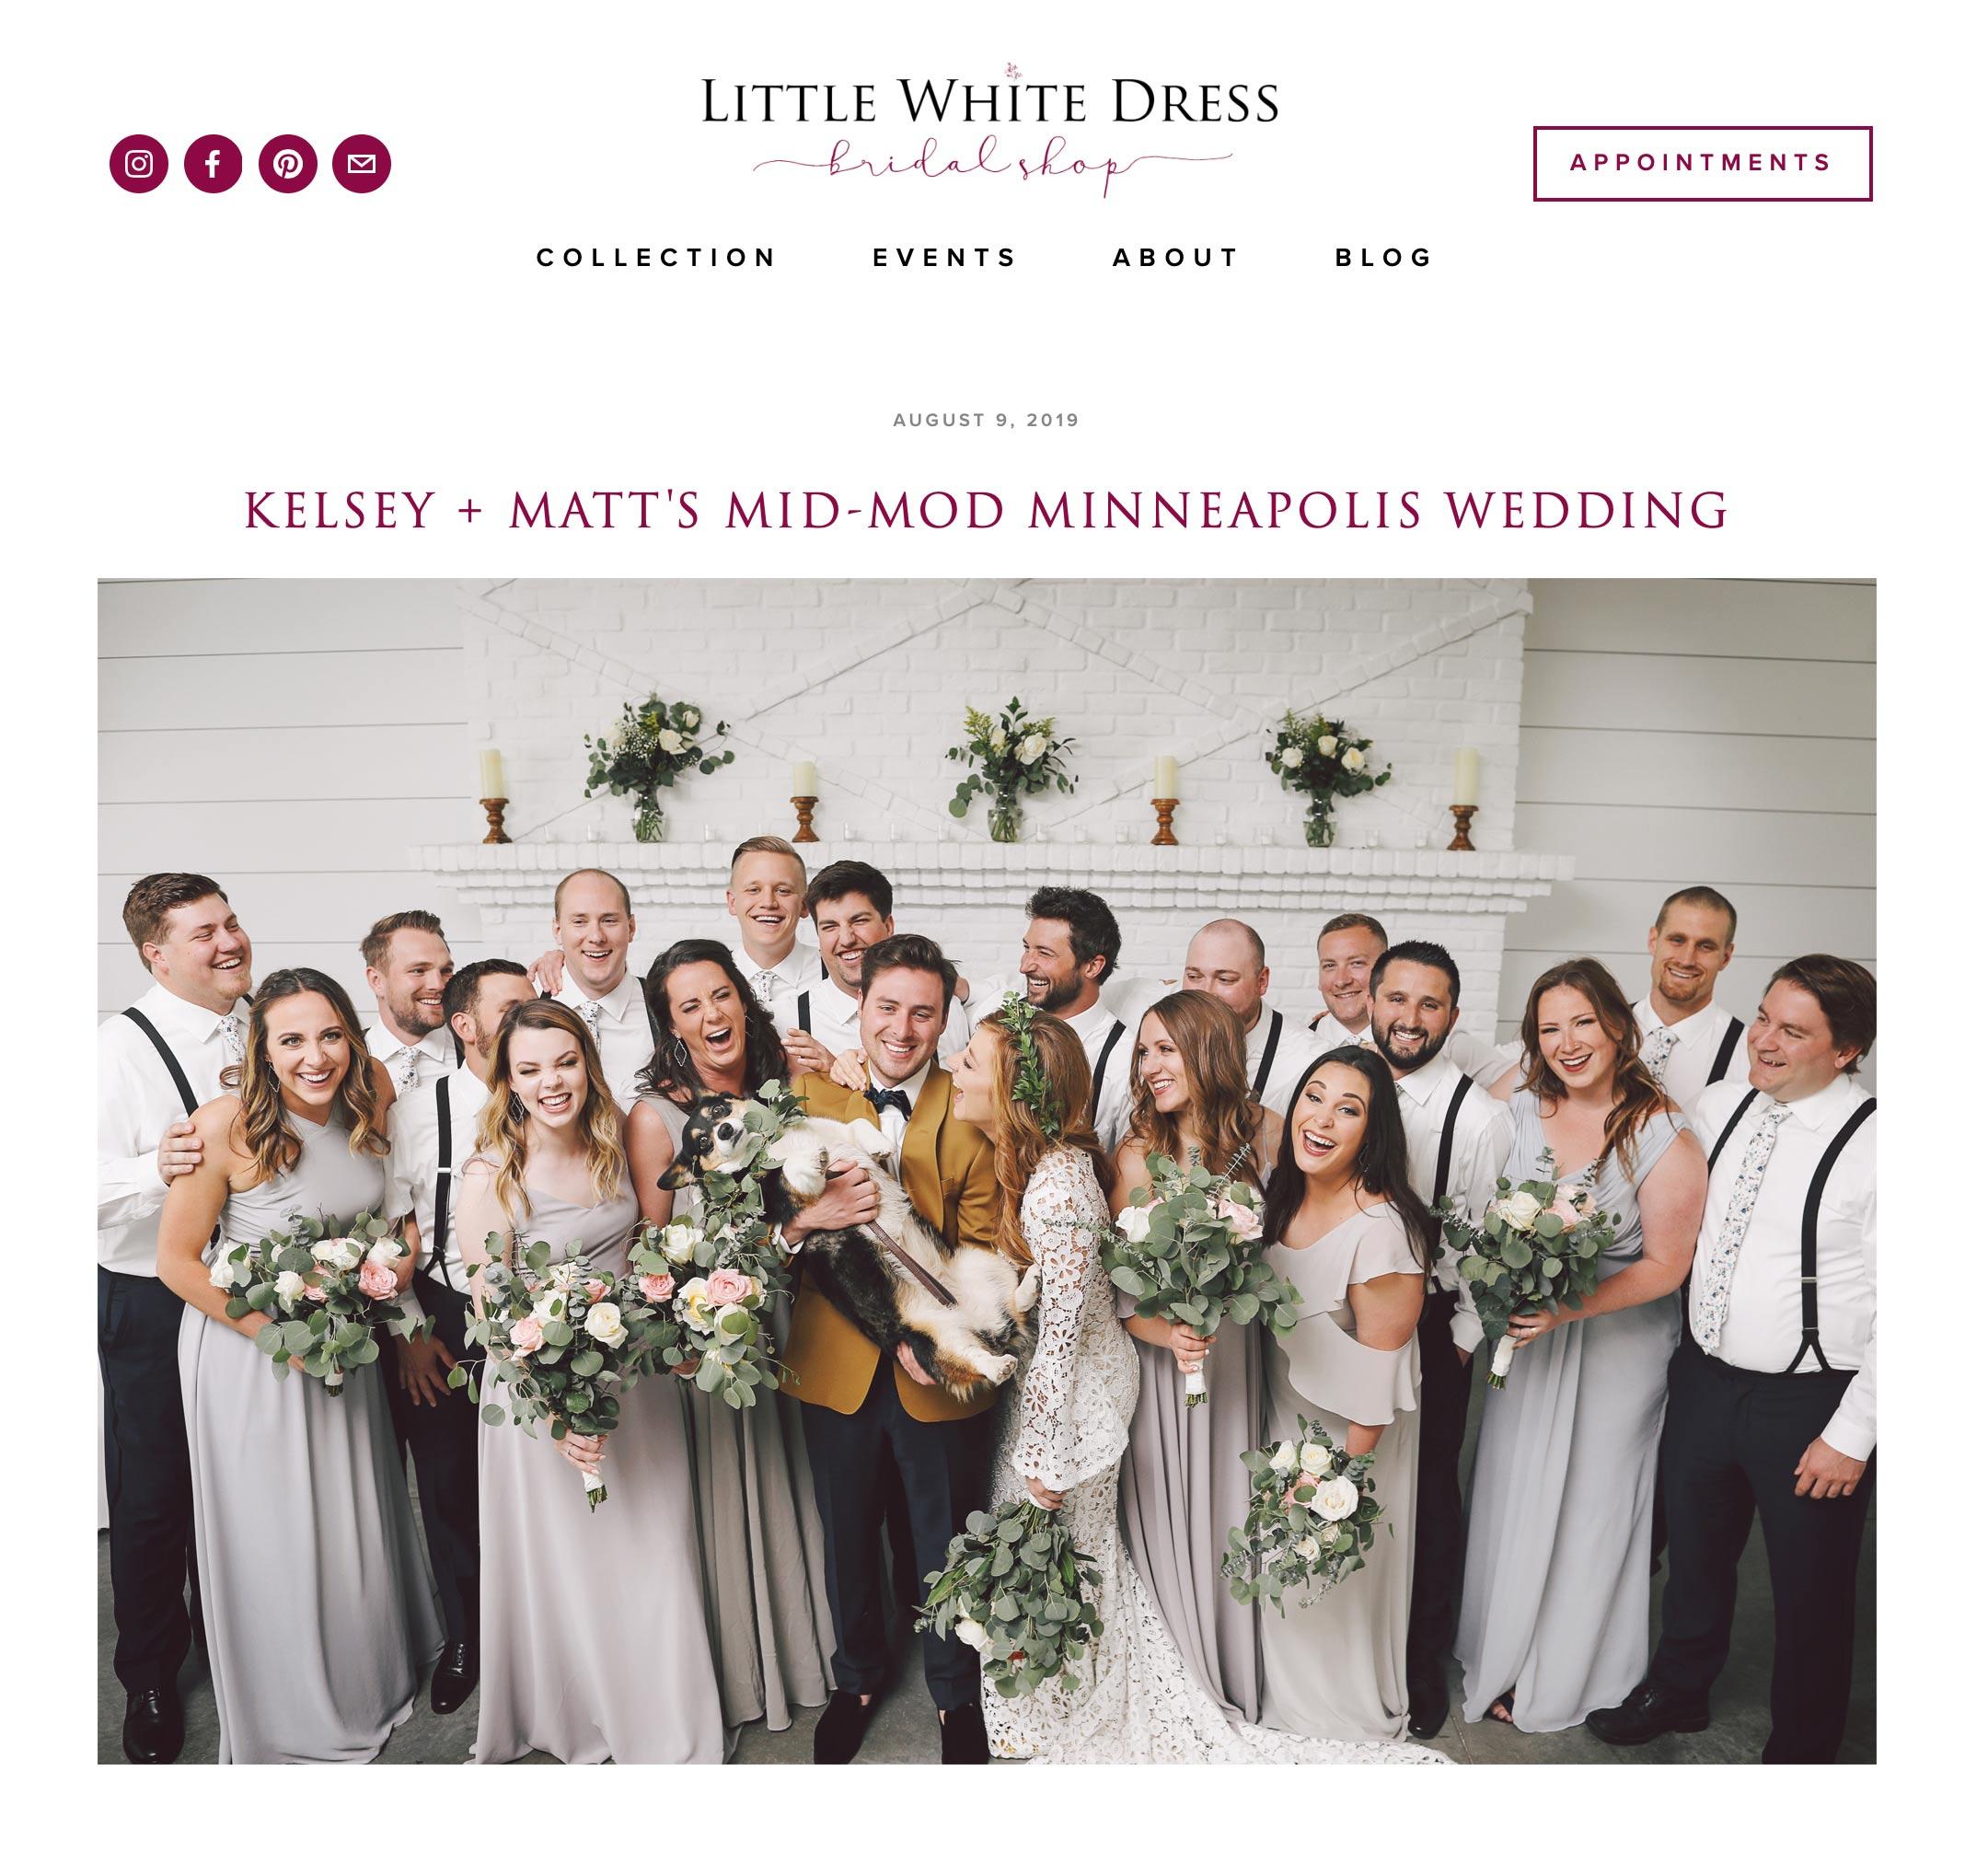 Little-White-Dress-Article.jpg